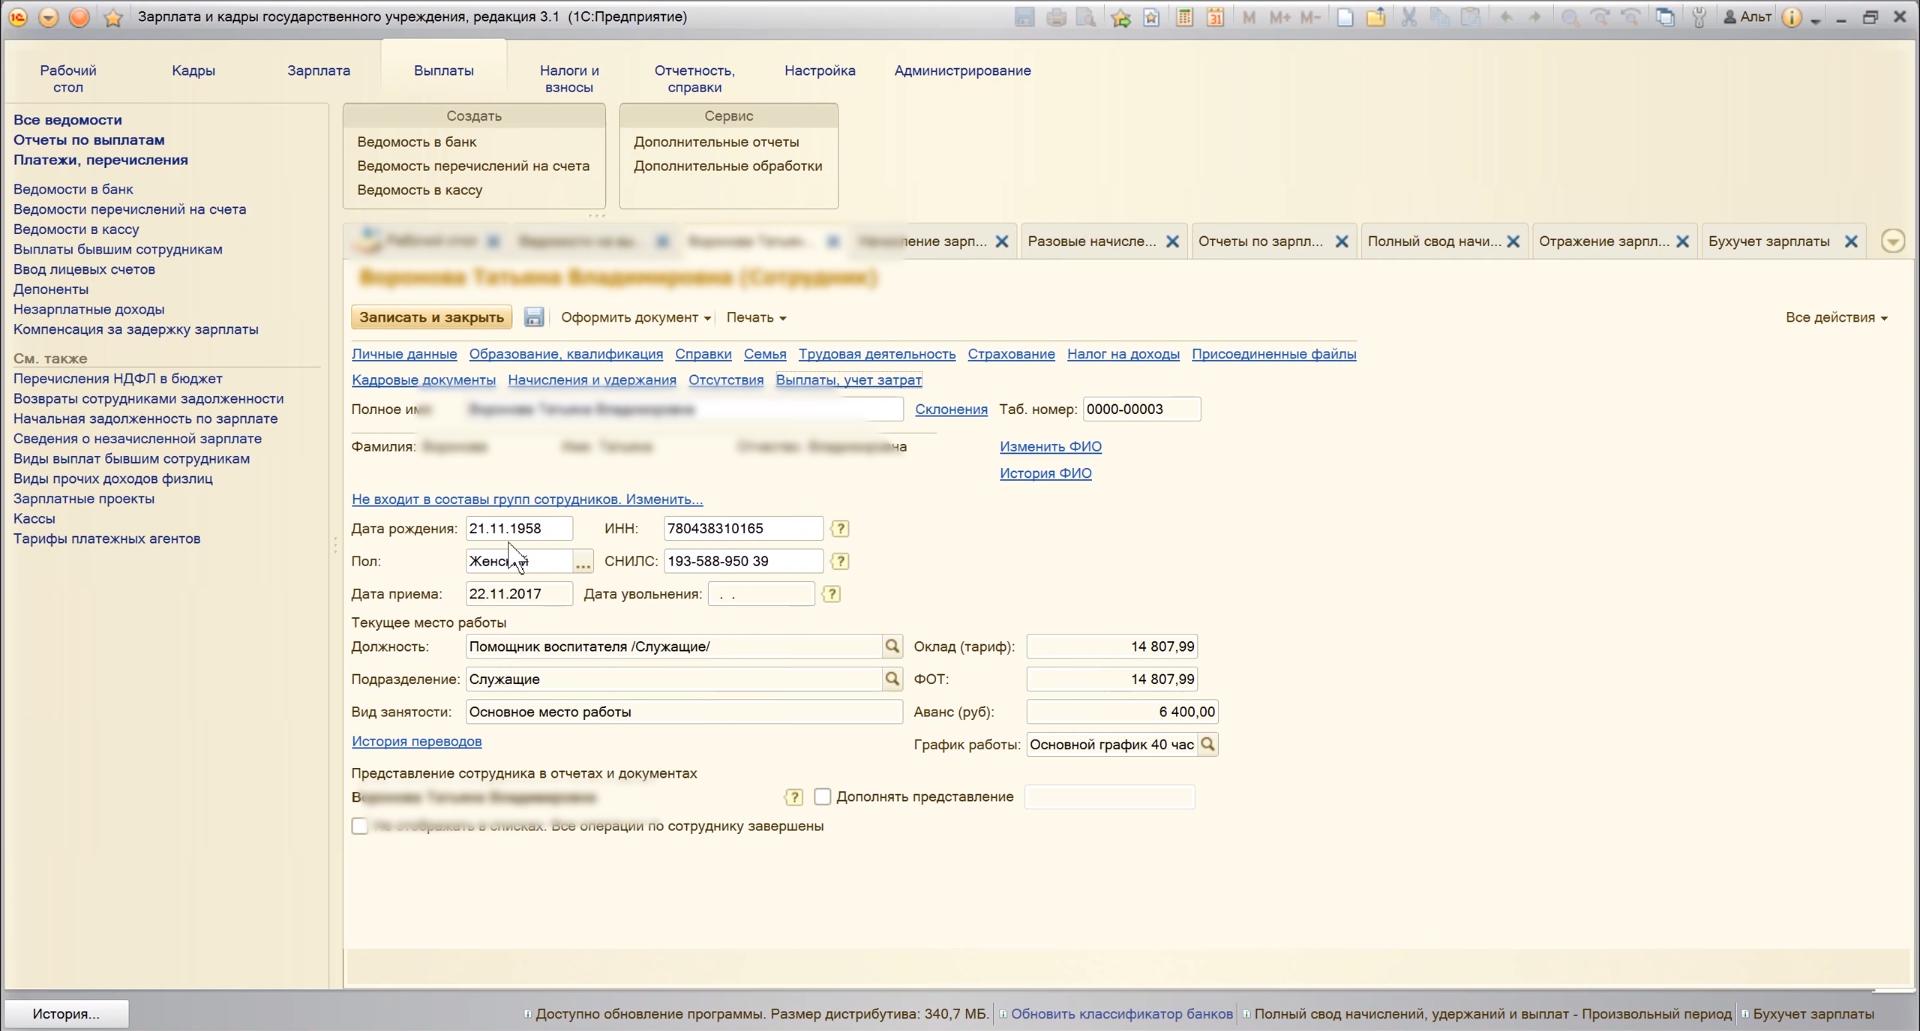 Карточка сотрудника в программном продукте для управления персоналом 1C:Зарплата и кадры государственного учреждения